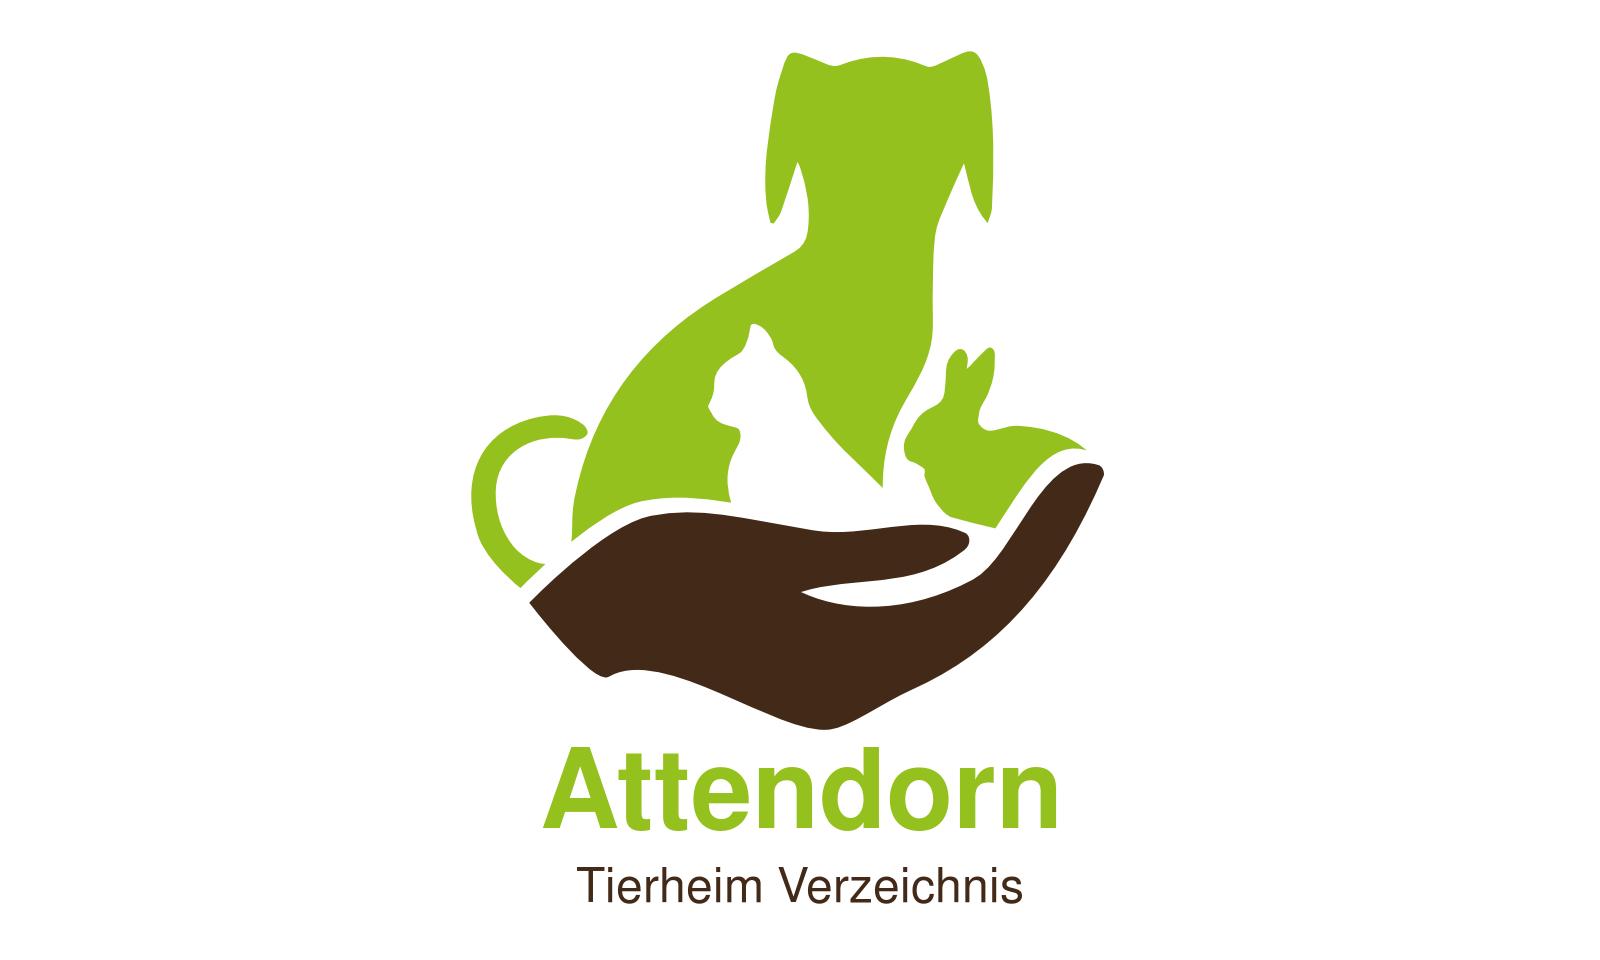 Tierheim Attendorn